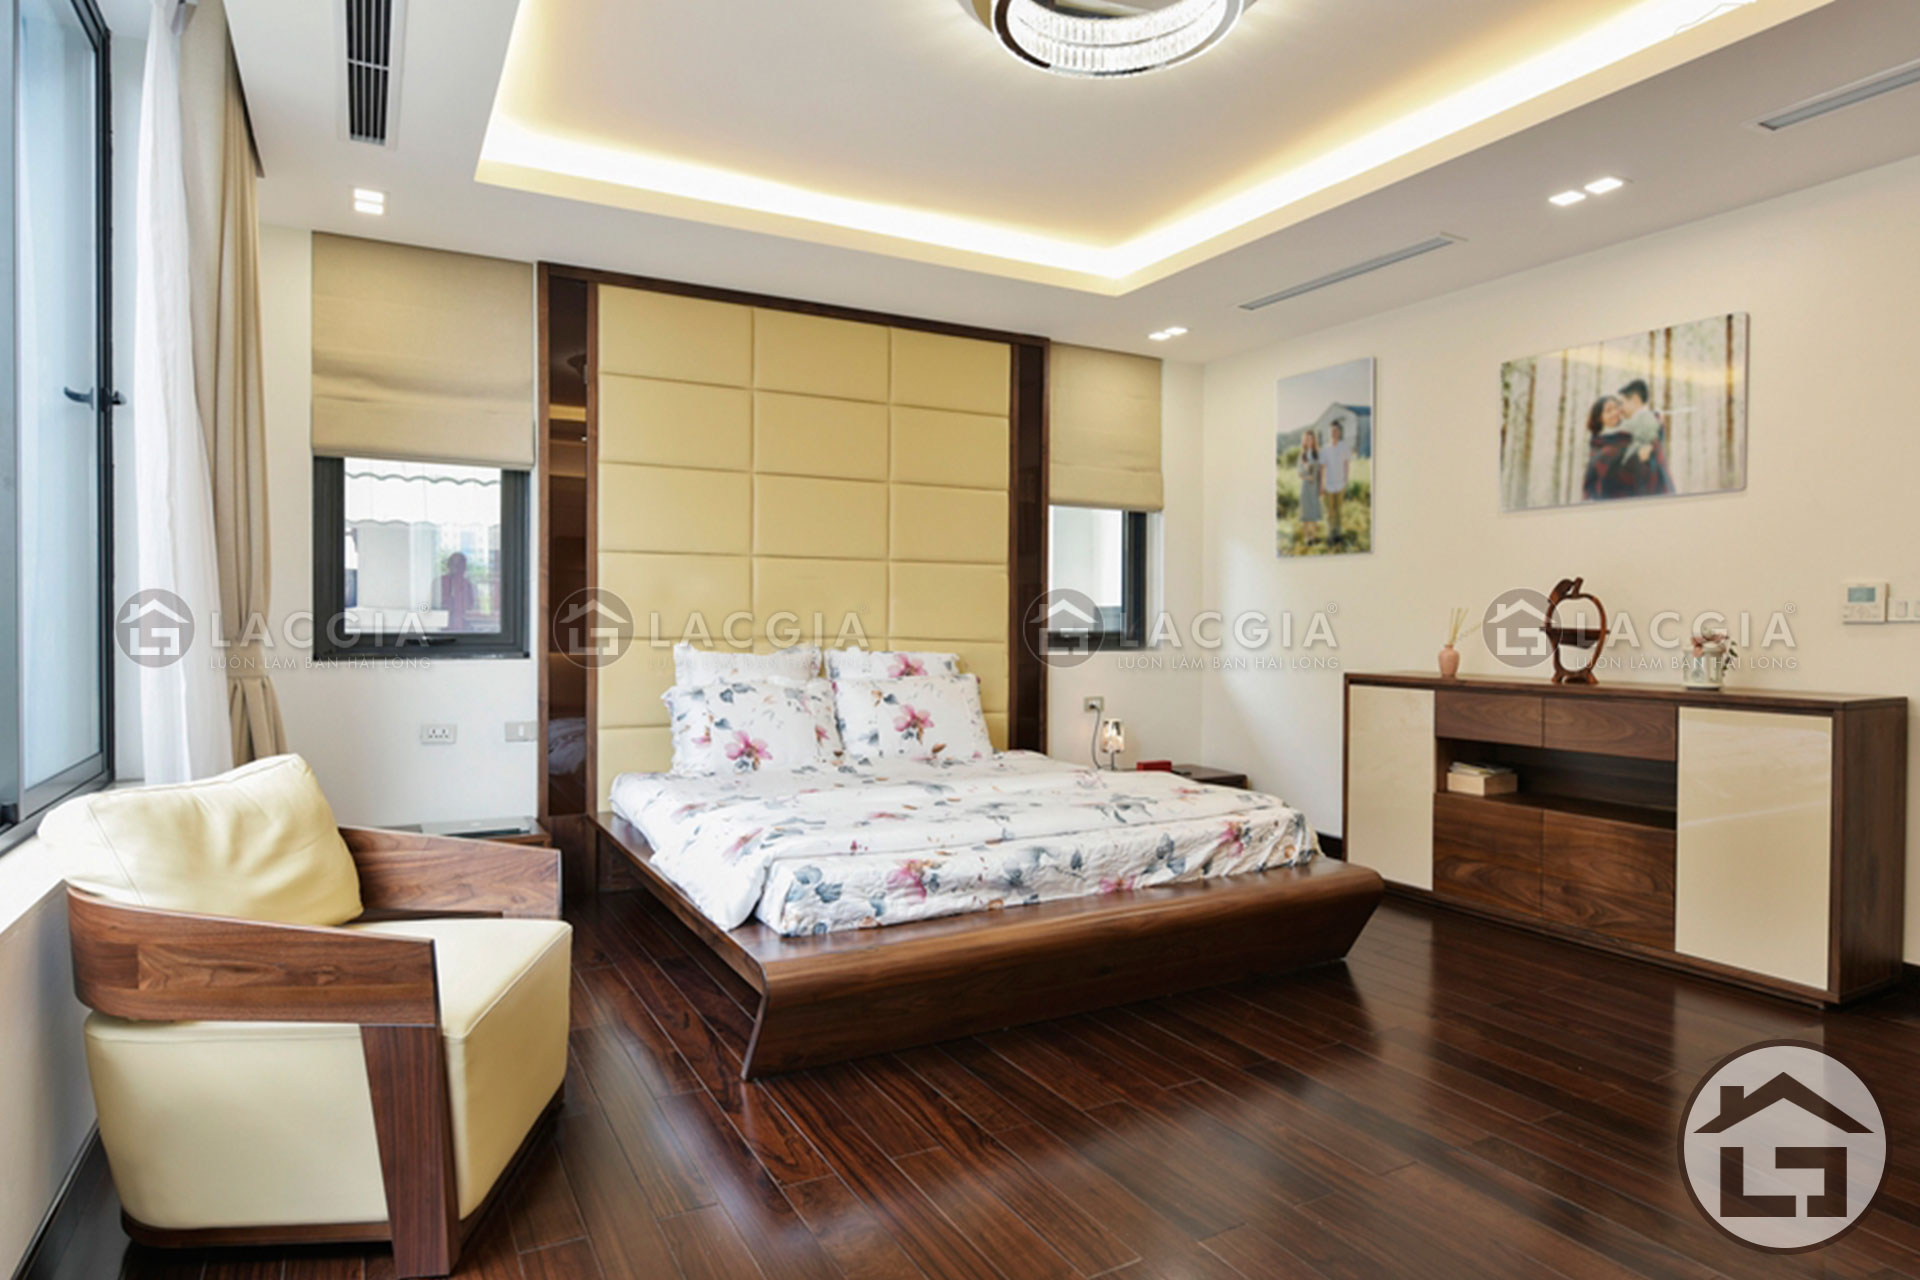 lg 1 - Giường gỗ cao cấp GN07